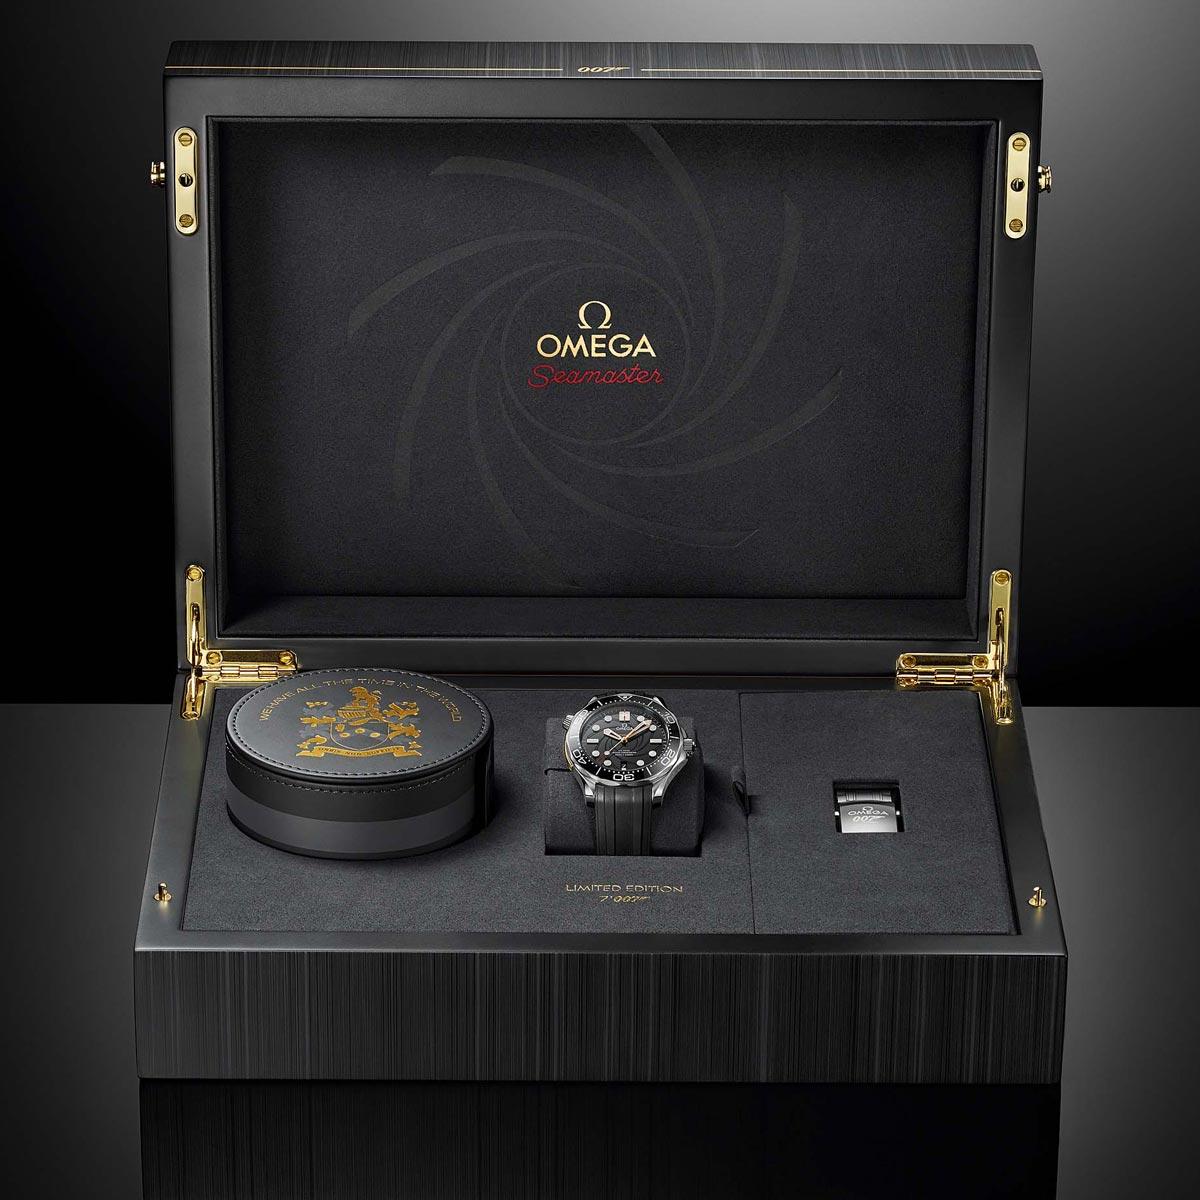 La Cote des Montres : Photo - Une nouvelle Omega en l'honneur d'un classique de la saga James Bond